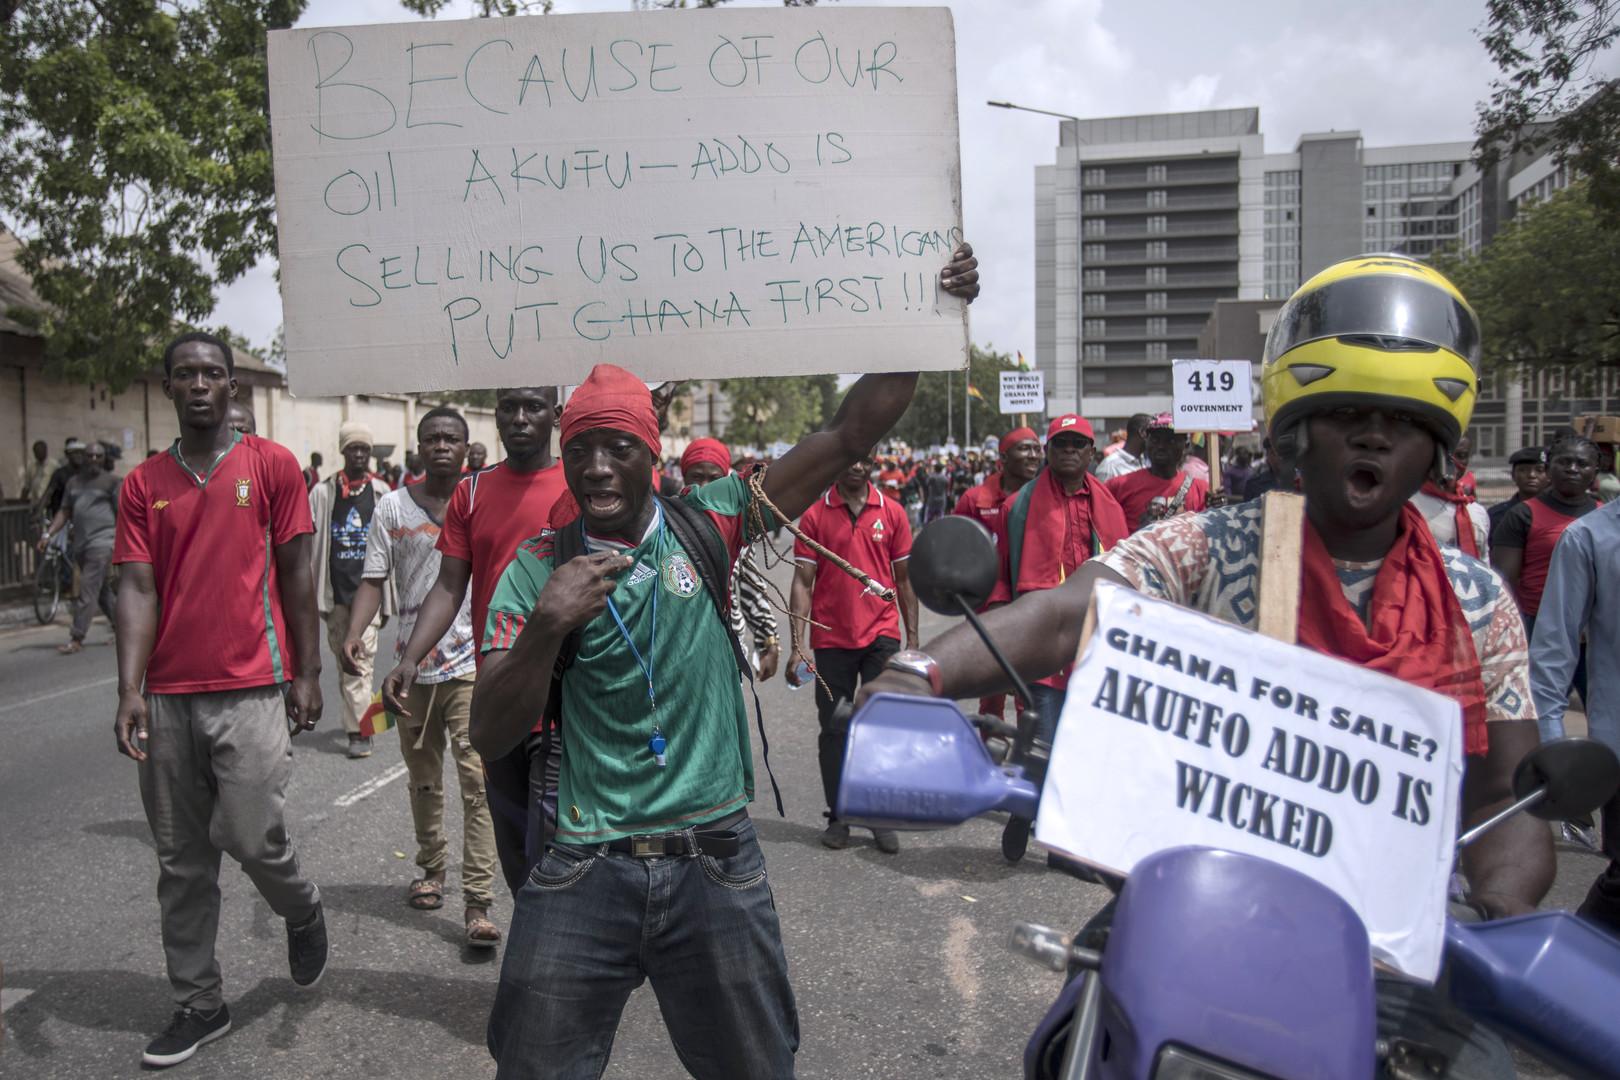 Des centaines de Ghanéens manifestent contre un accord de défense avec les Etats-Unis (PHOTOS)